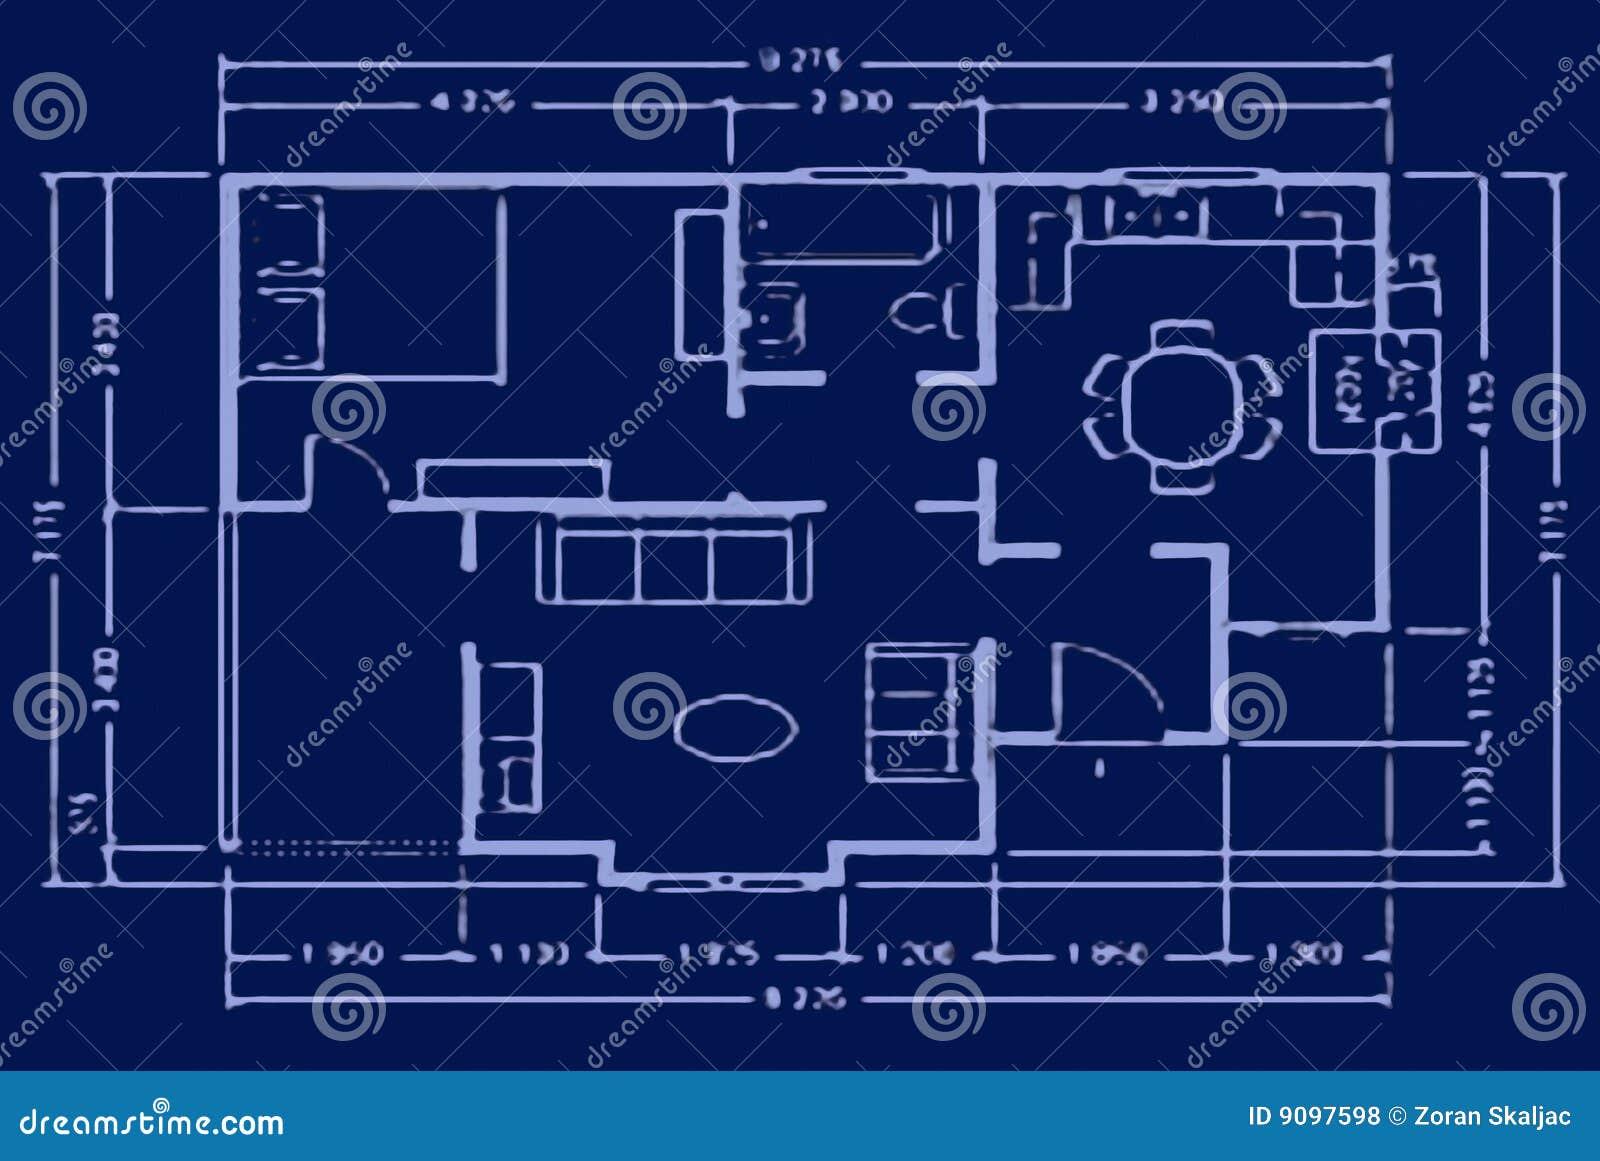 Lichtpause - Hausplan